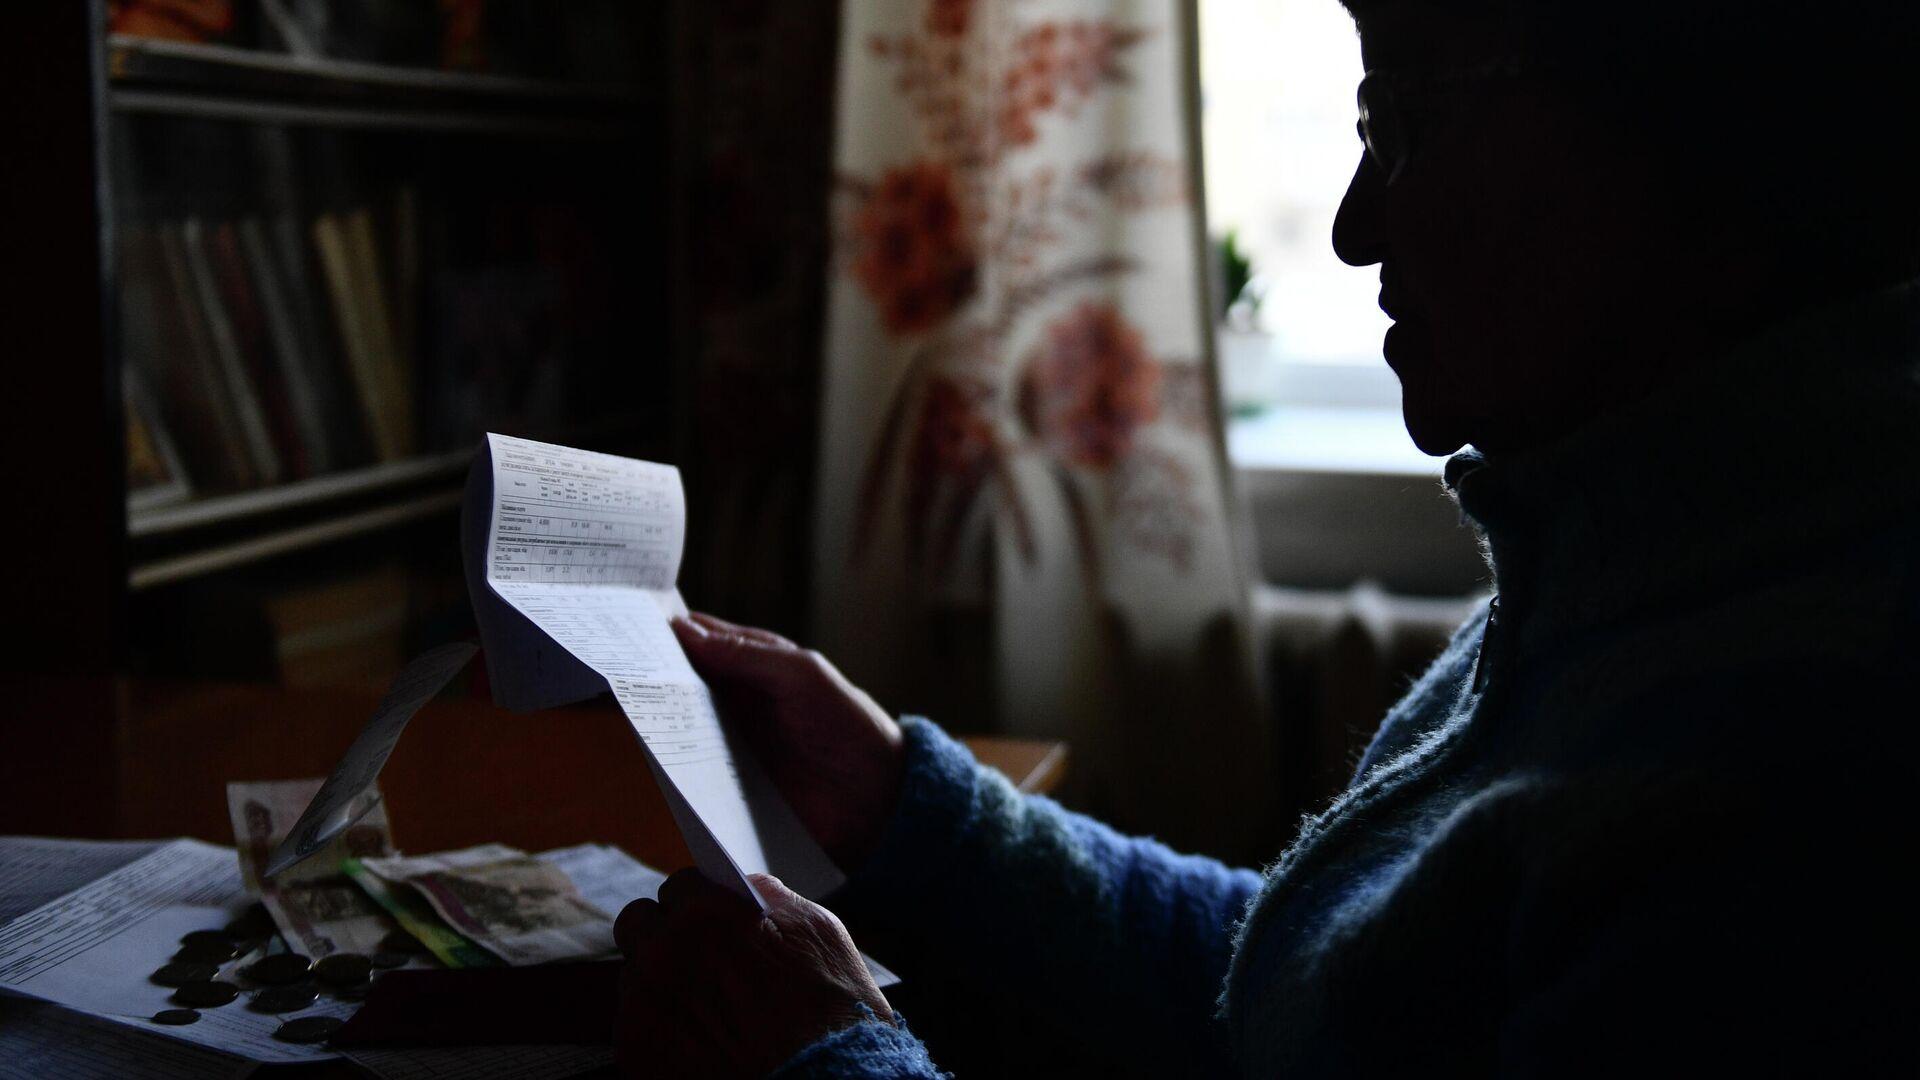 Пенсионерка держит в руках квитанцию ЖКХ - РИА Новости, 1920, 30.08.2021